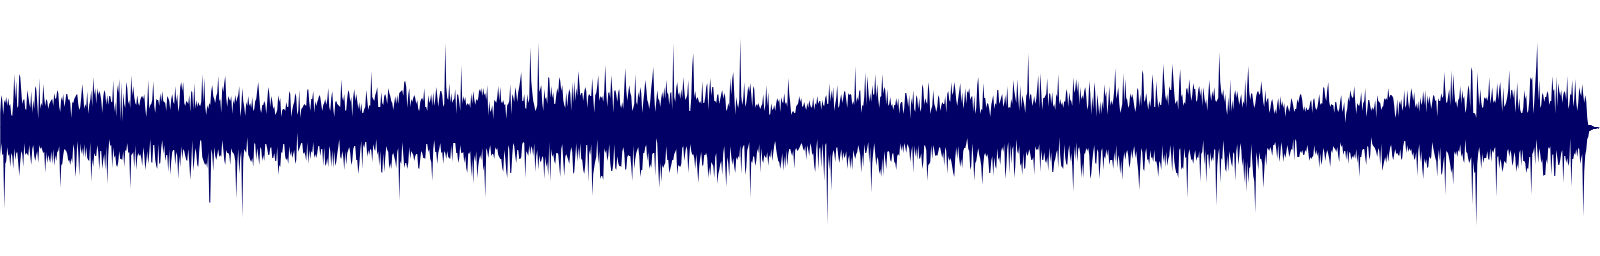 waveform of track #146132